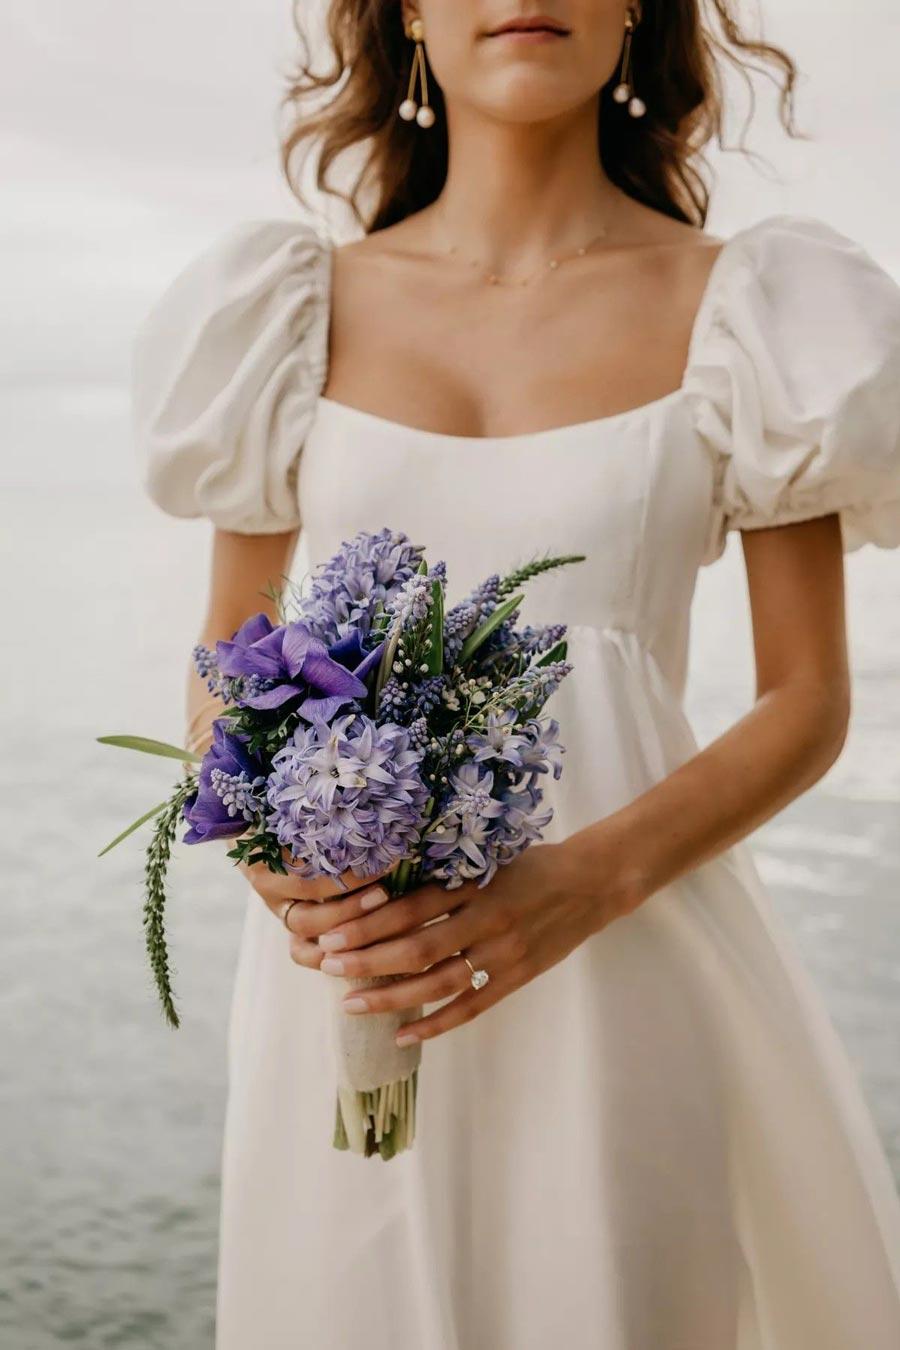 20 новых идей для свадьбы 2022 15